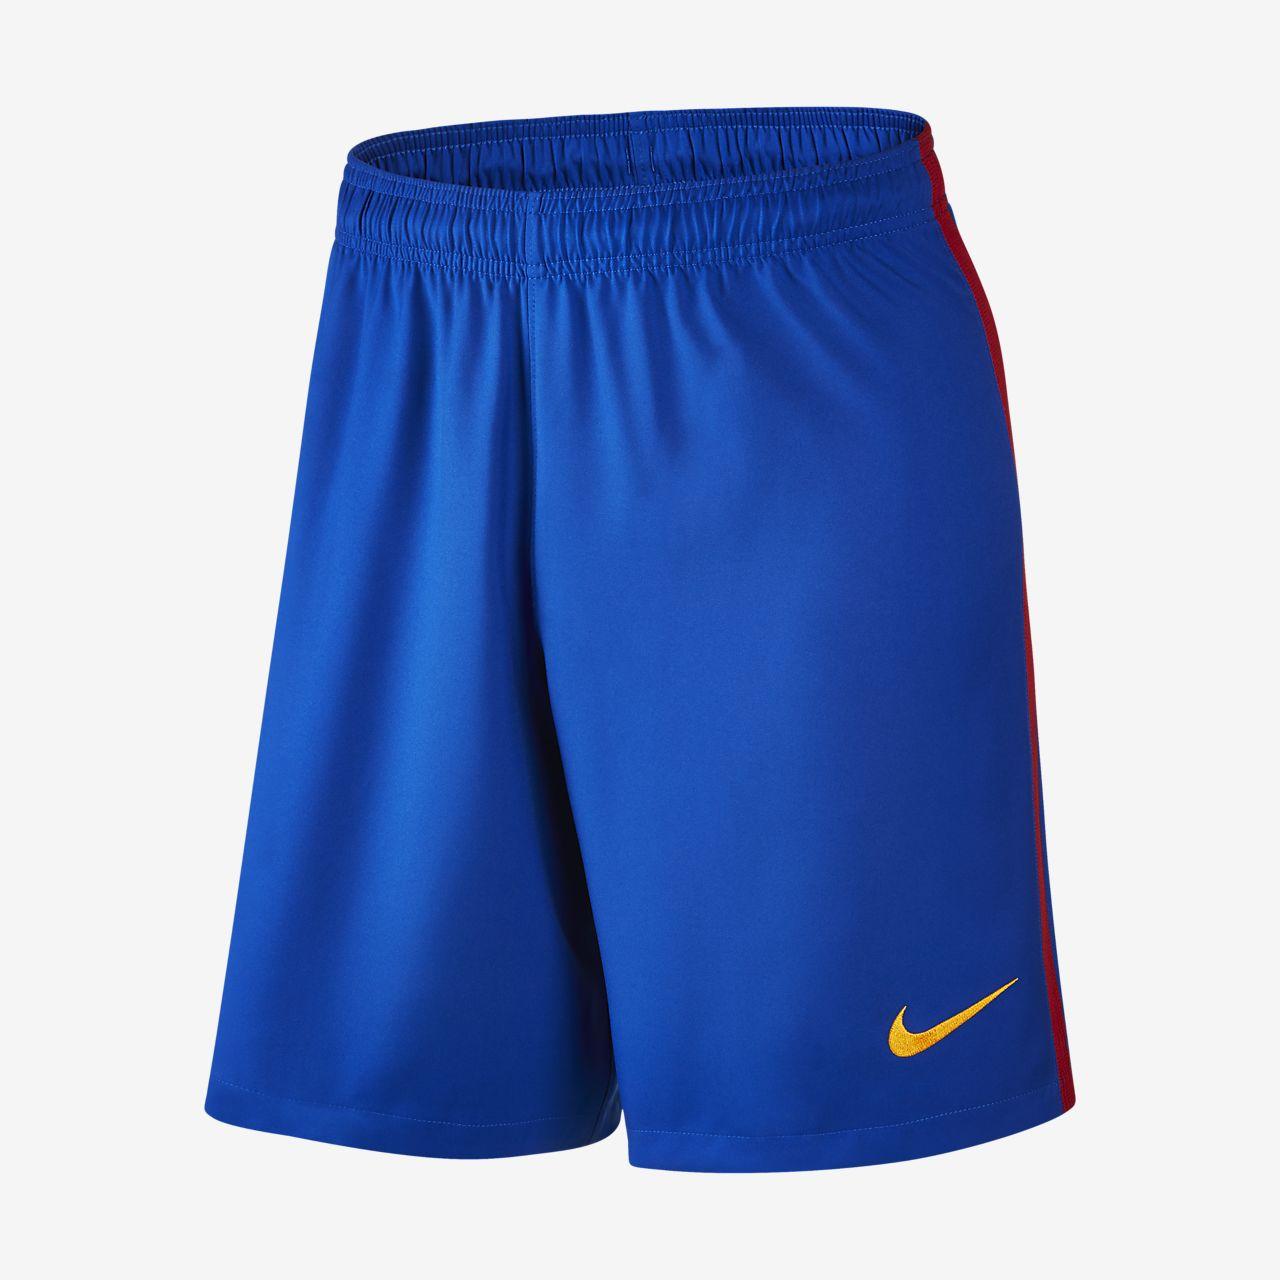 2016/17 赛季巴萨男子足球球迷短裤